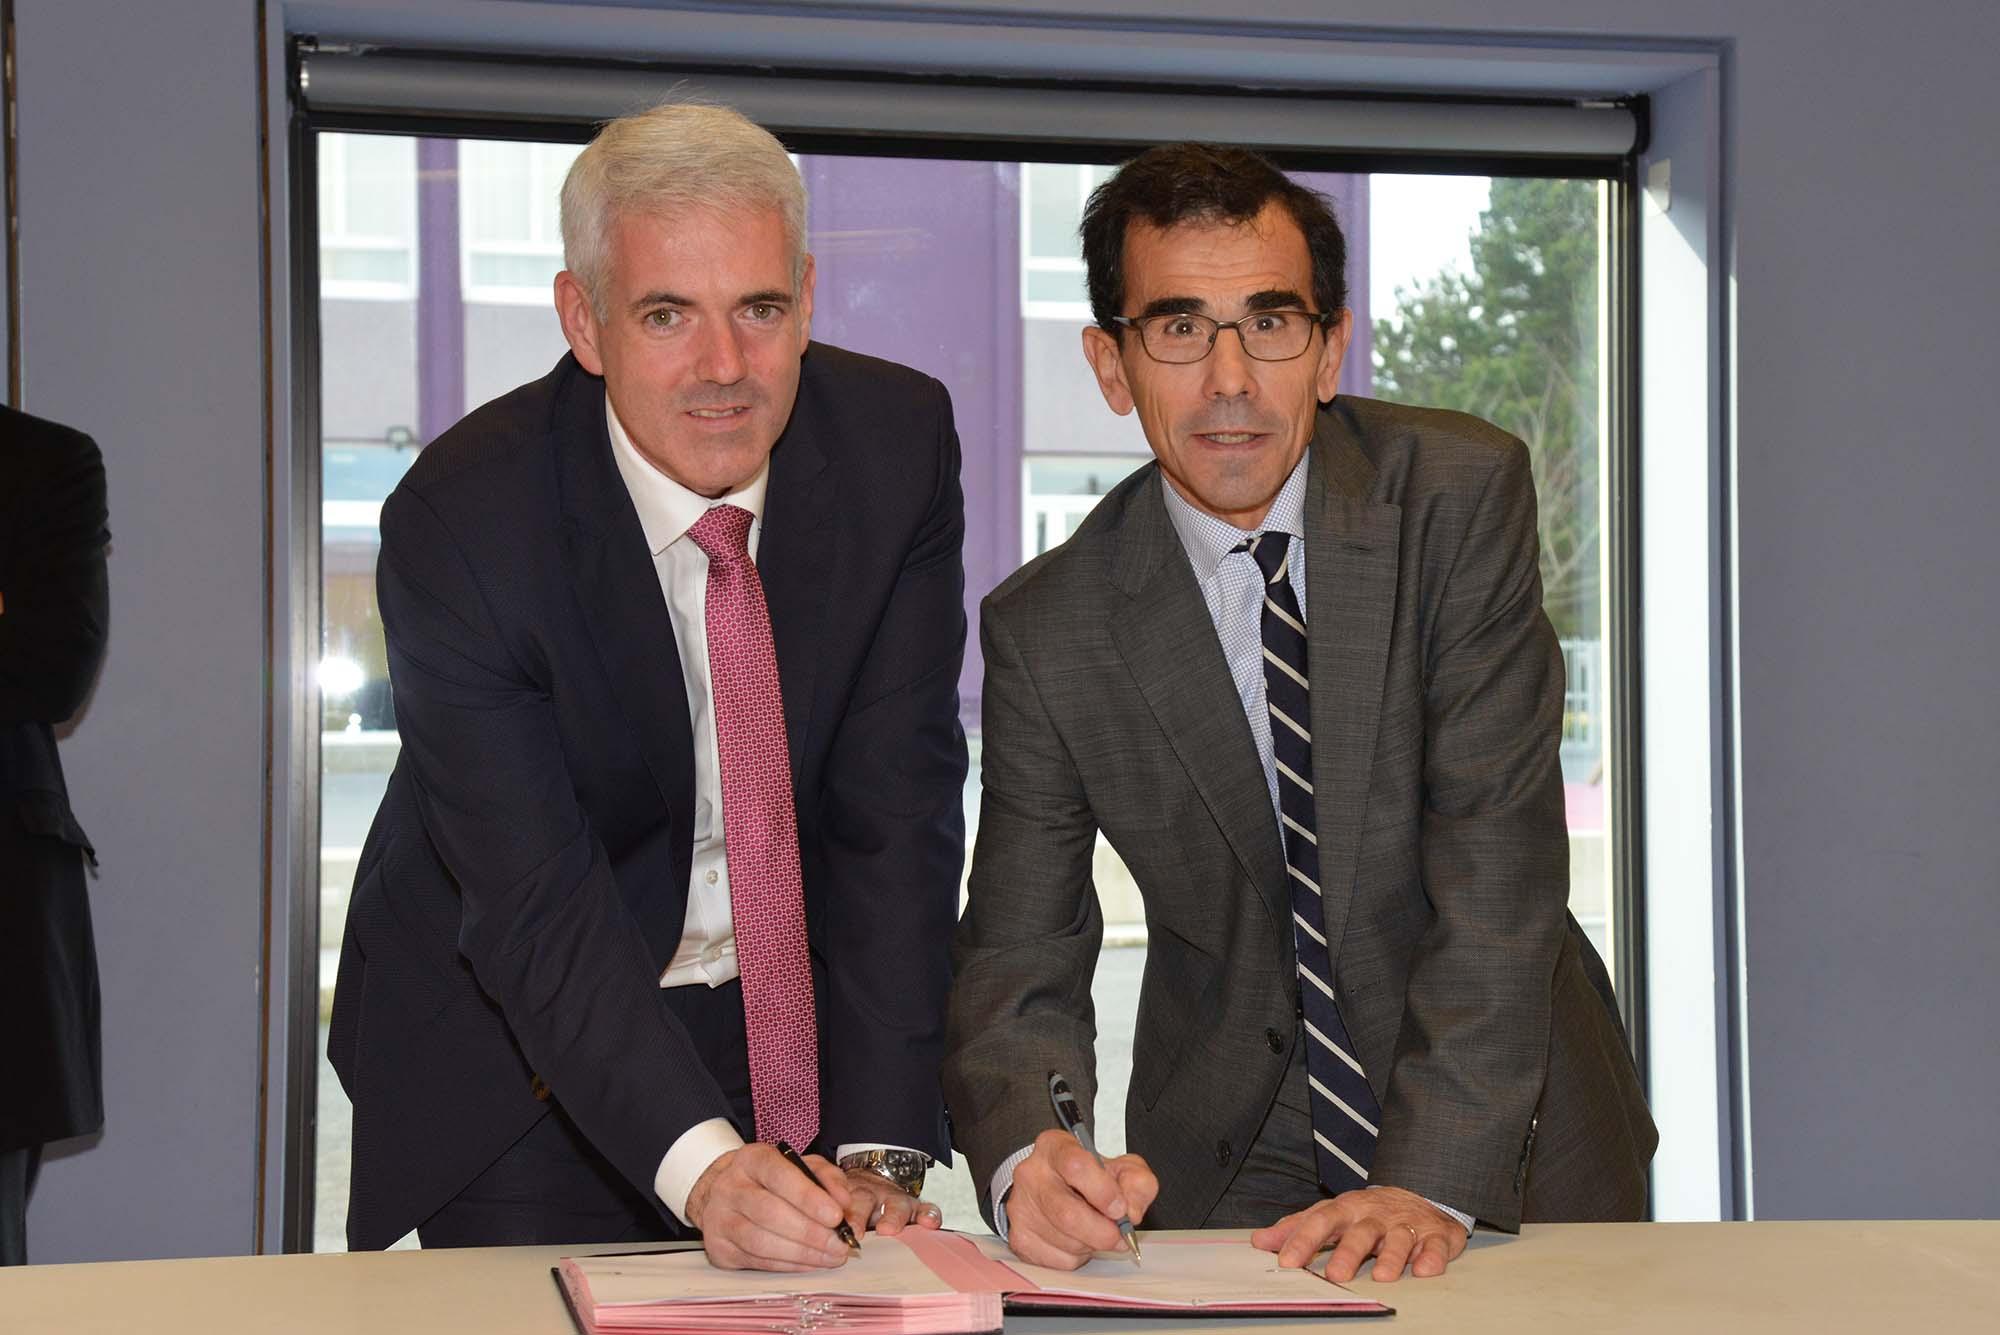 De gauche à droite : Xavier Perrin, adjoint au maire de Saint-Nazaire et et Philippe Carrière, directeur académique.